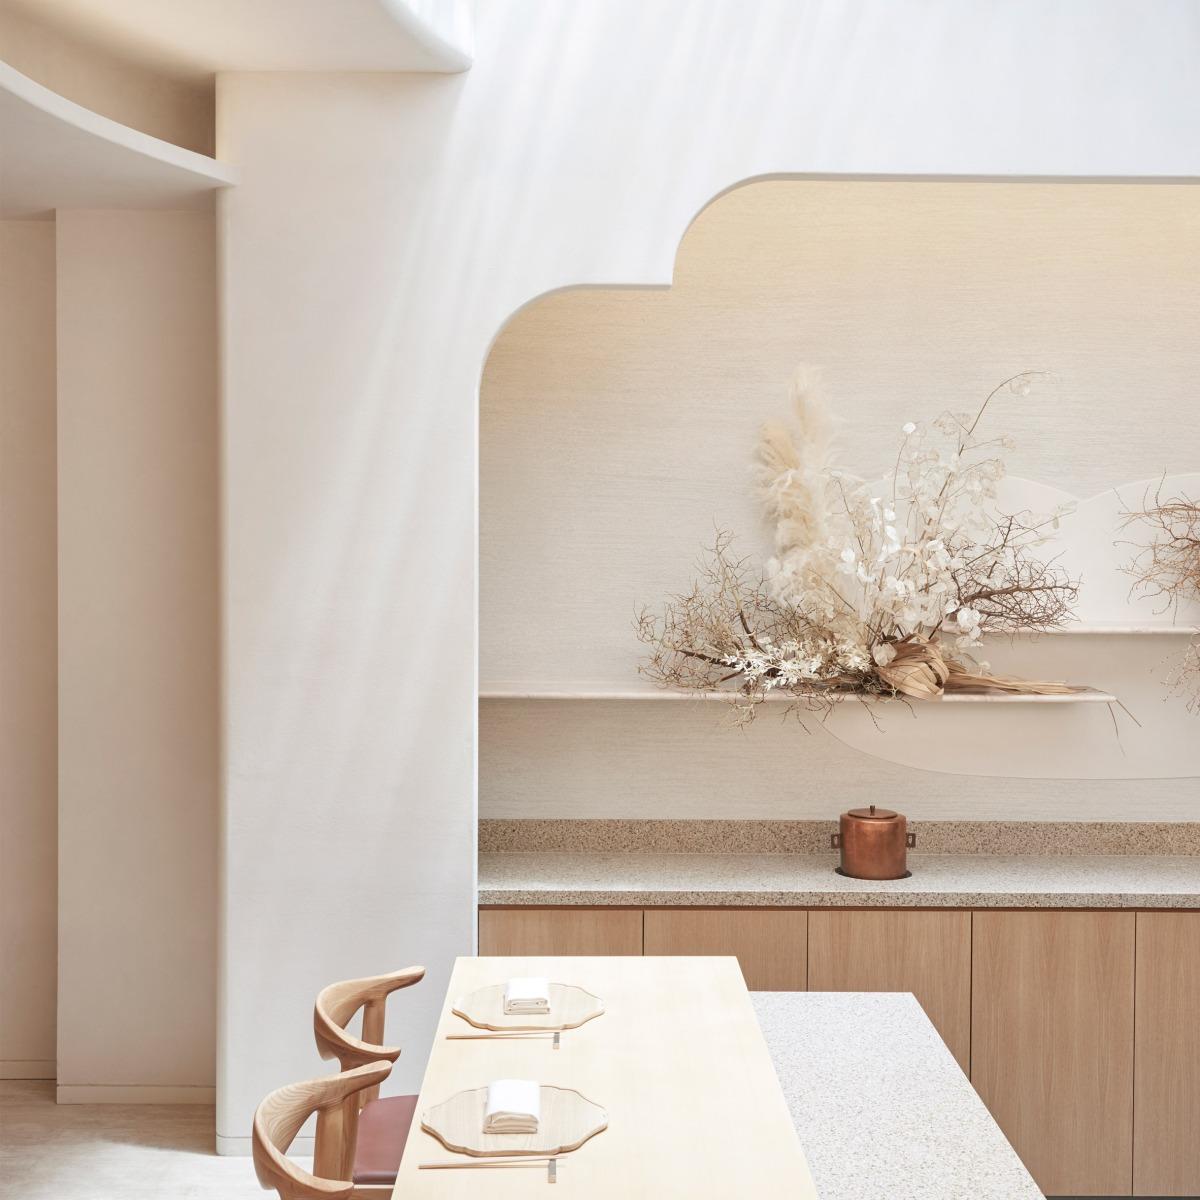 esora-takenouchi-webb-interiors-restaurants-singapore_dezeen_sq-1